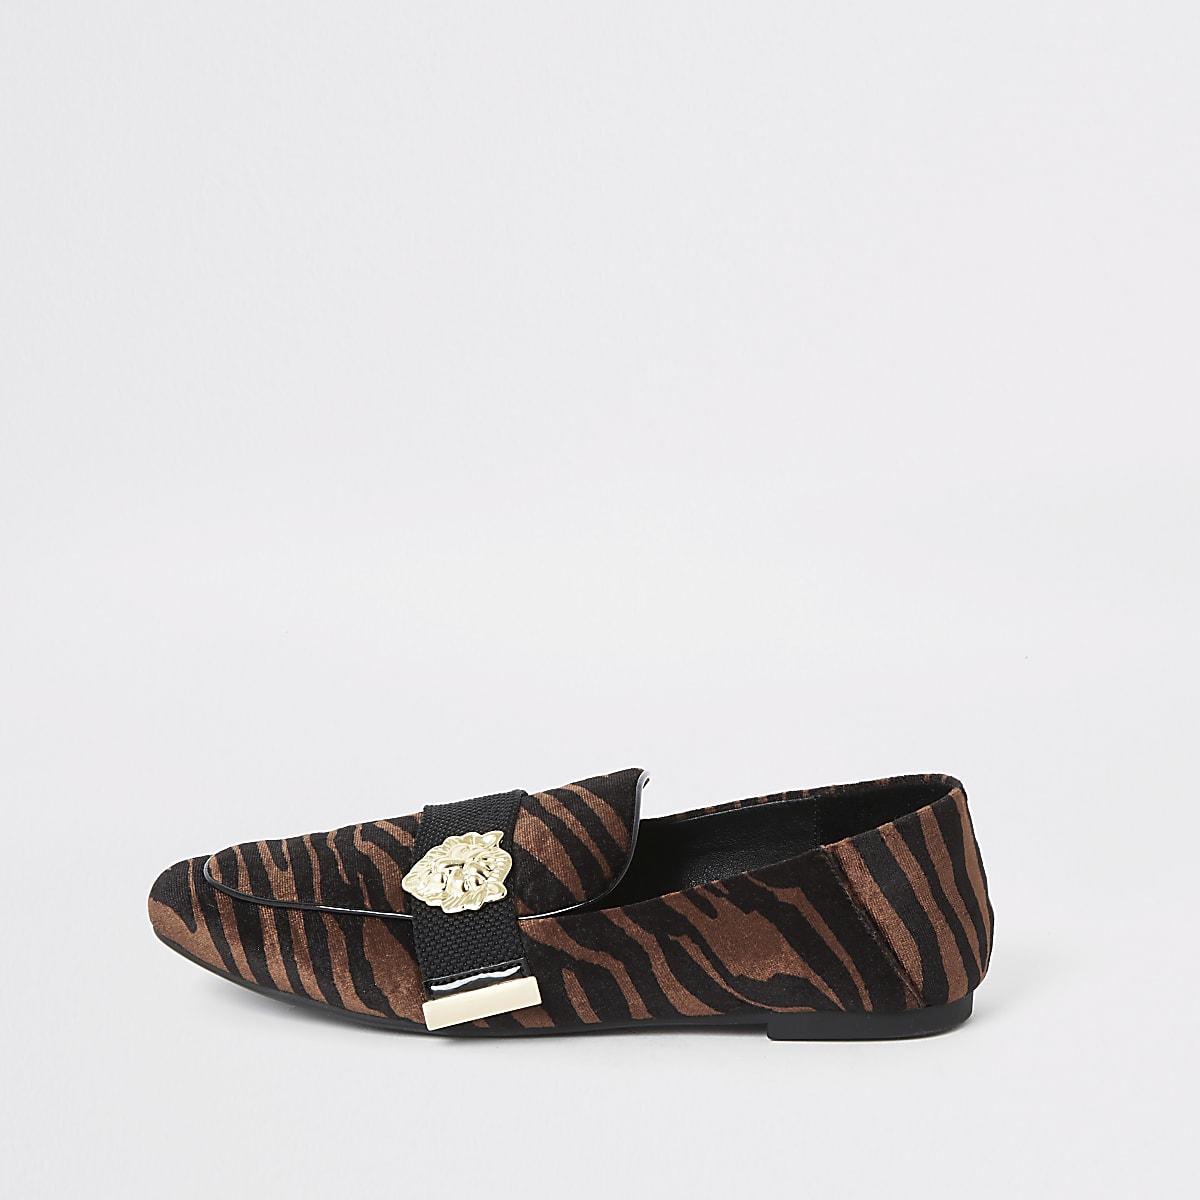 Bruine fluwelen loafers met tijgerprint